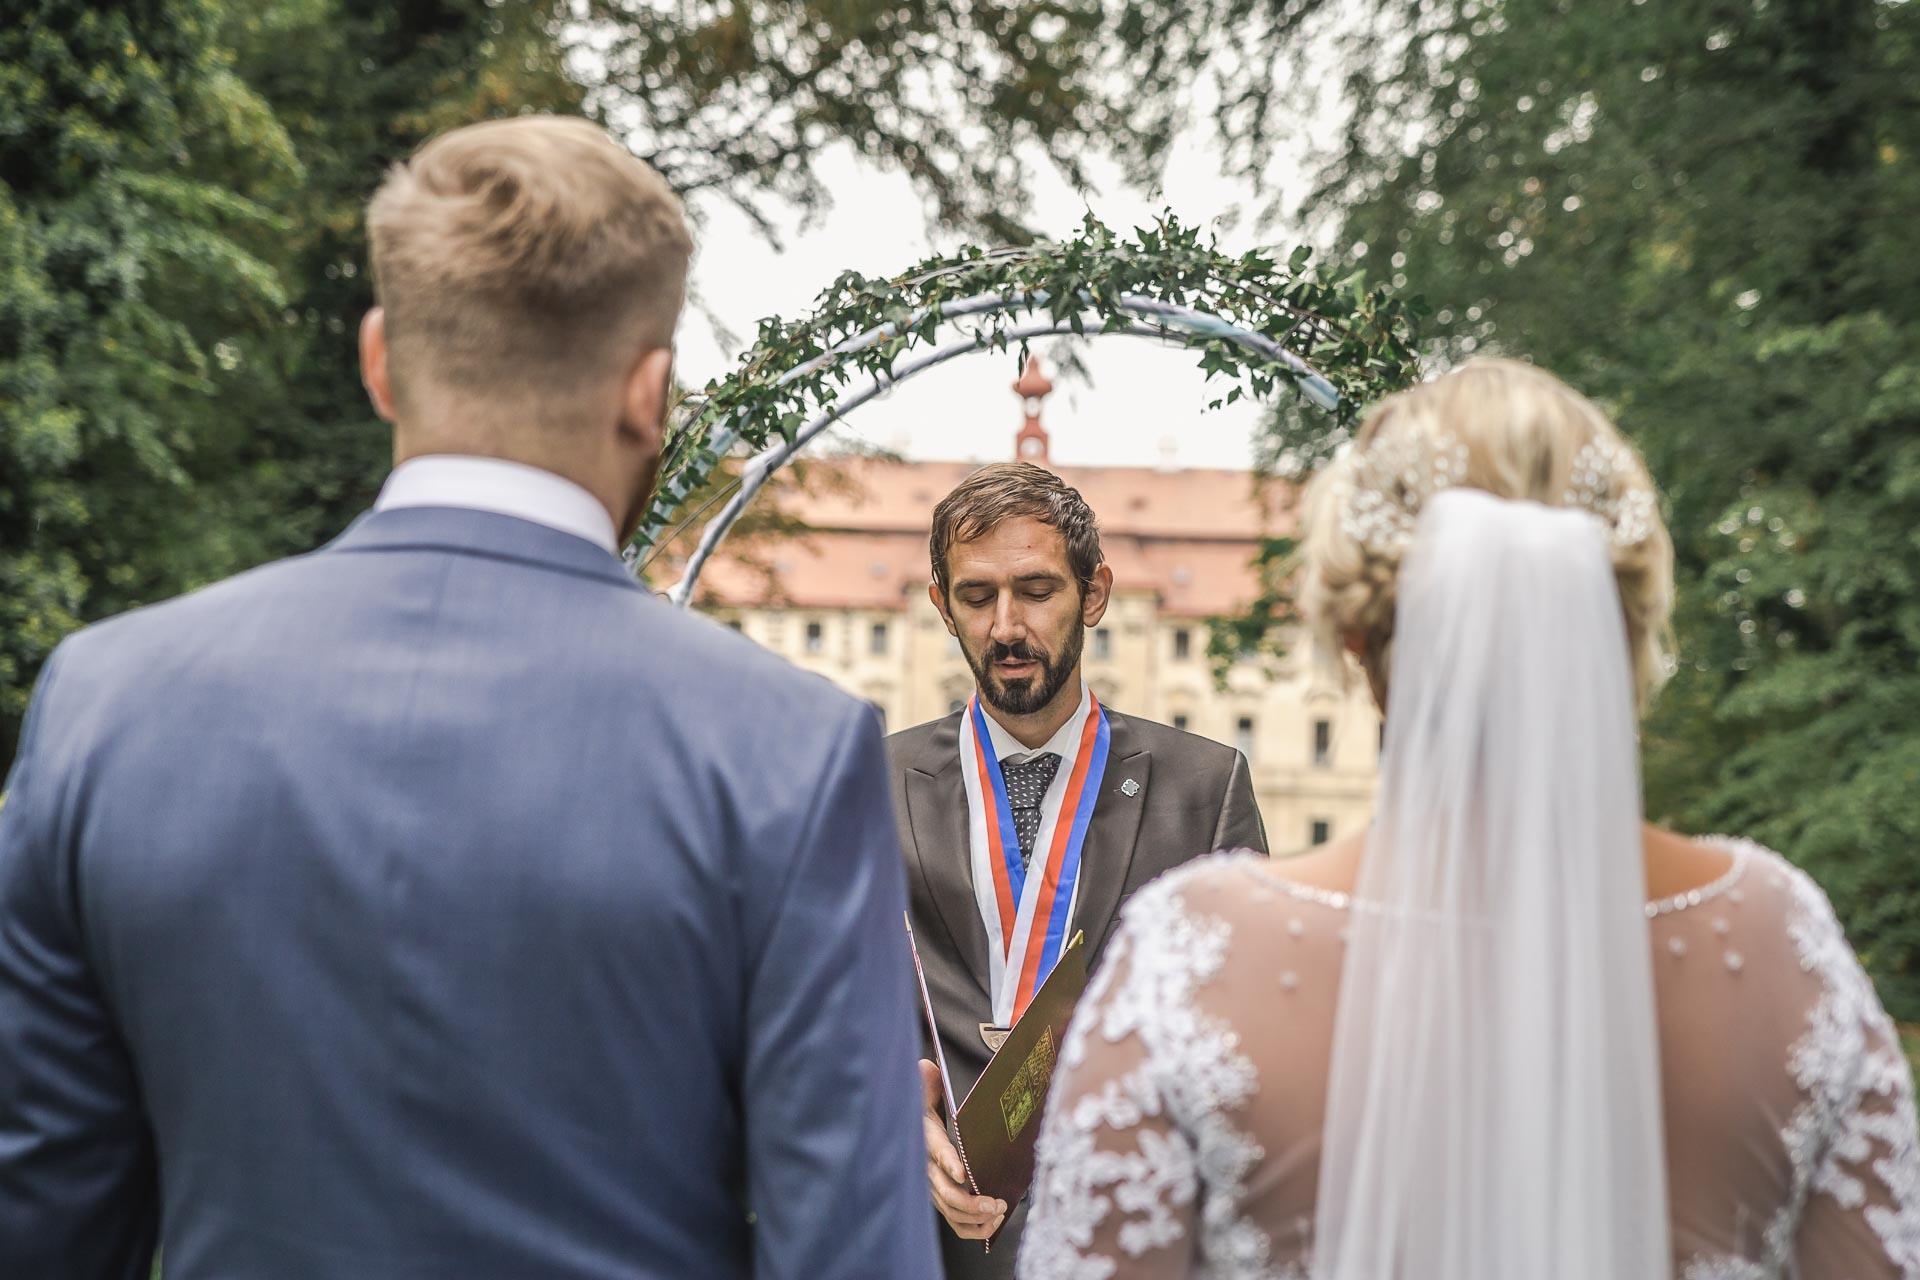 Svatební-fotograf-zámecký-park-Měšice-Svatba-Měšice-u-Prahy-7119